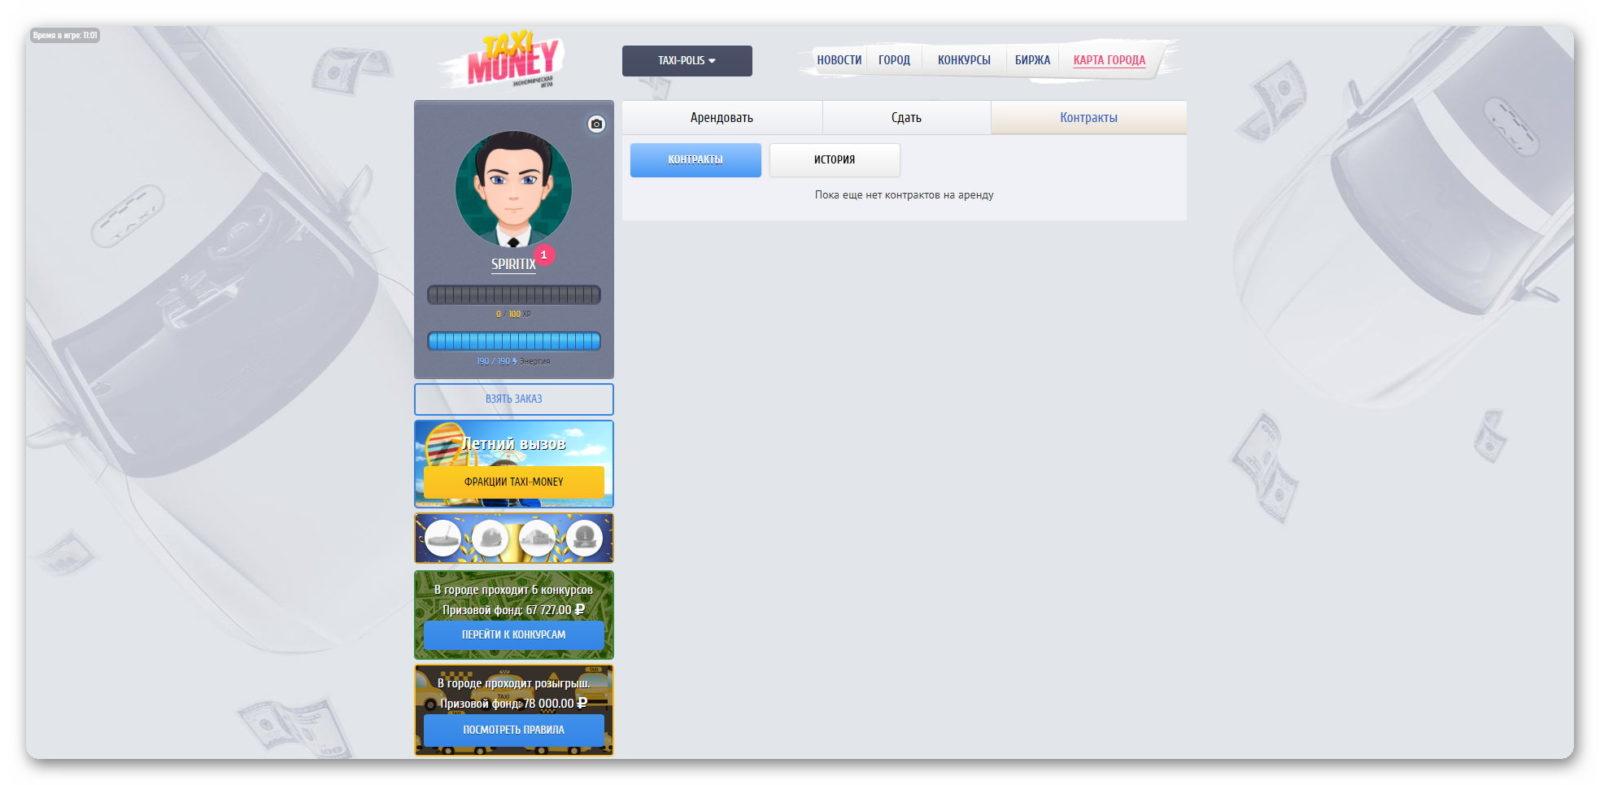 Контракты на аренду в игре Taxi-Money